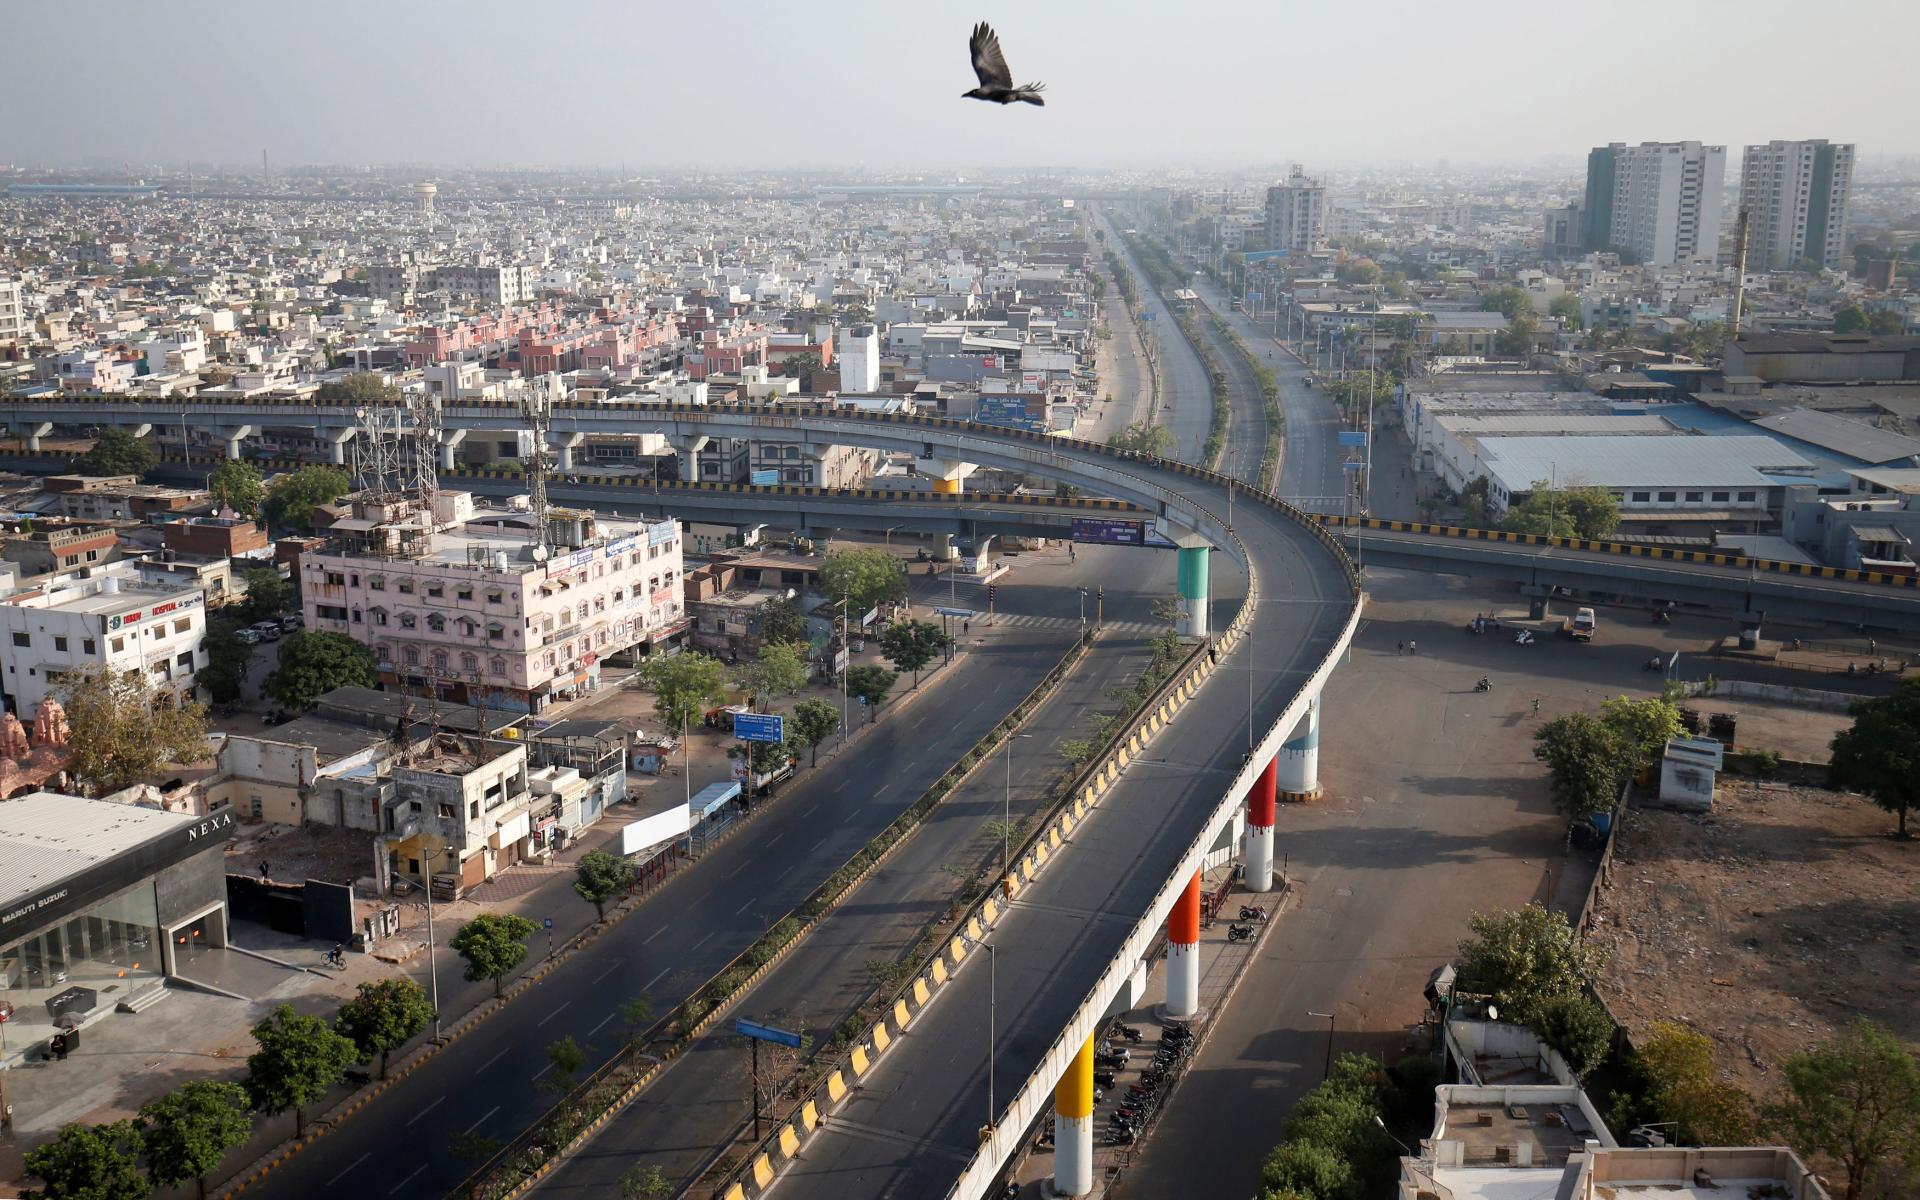 Routes désertes durant le couvre-feu à Ahmedabad, en Inde, le 22 mars.